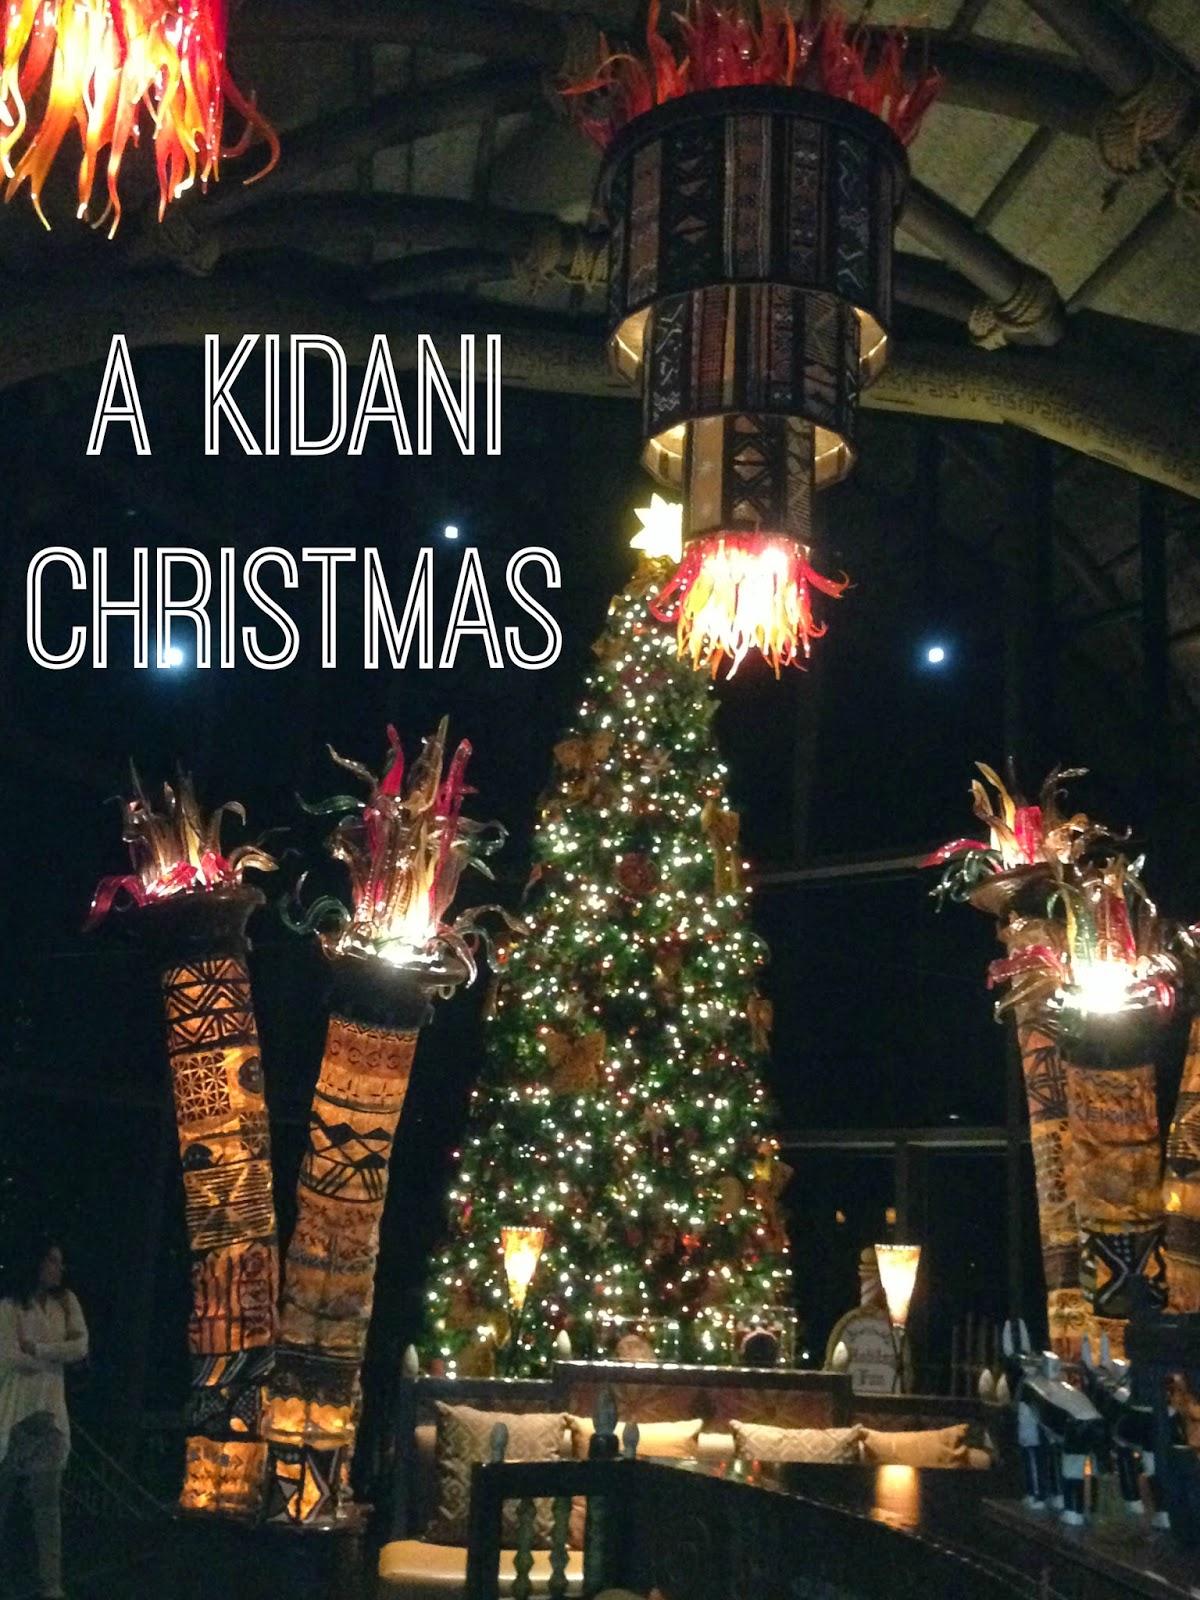 Kidani Christmas